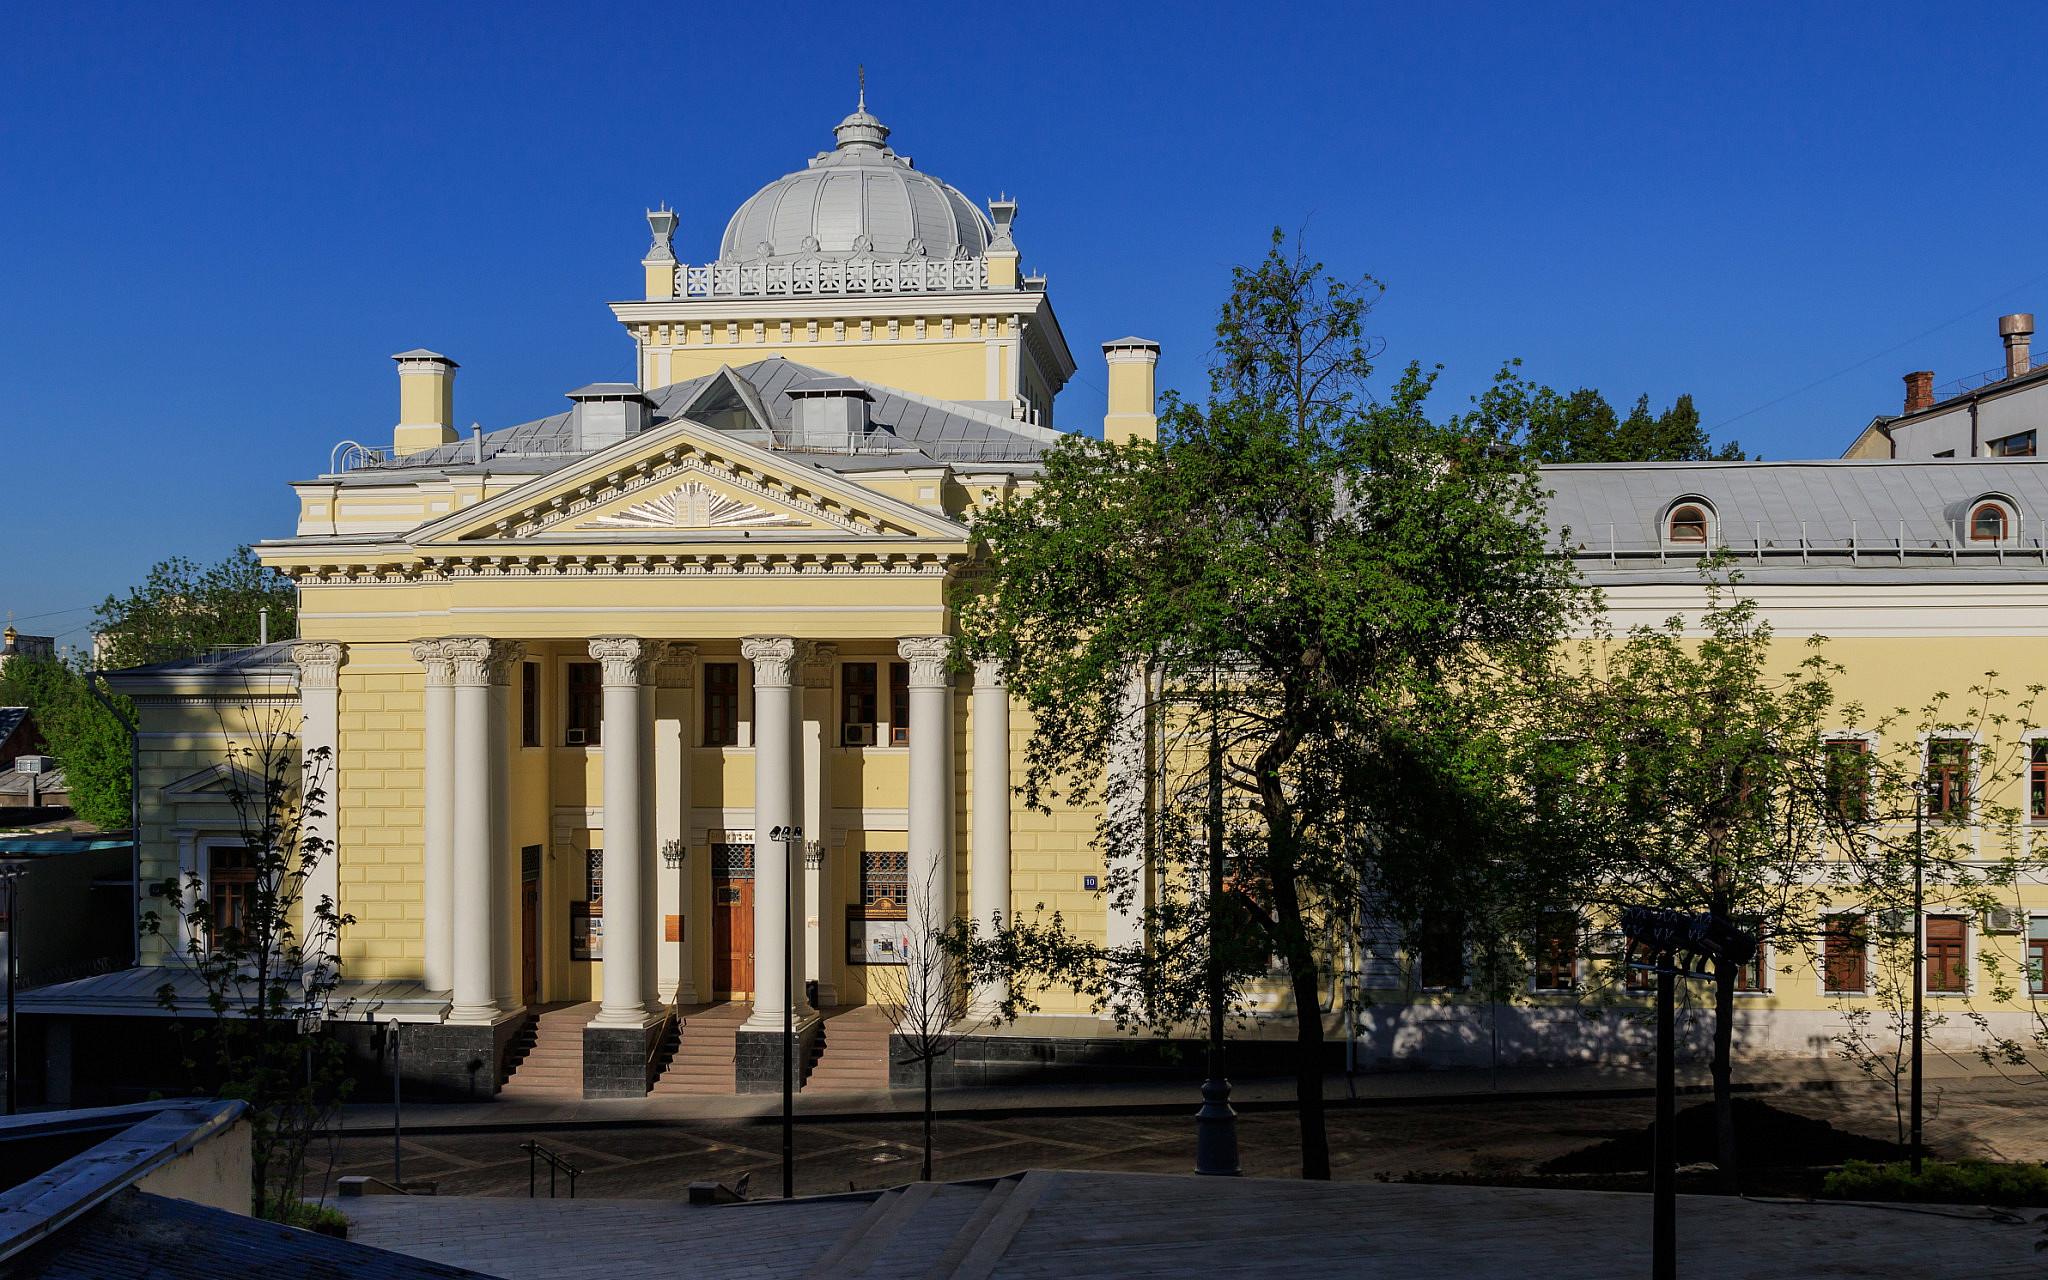 בית הכנסת הכוראלי במוסקבה. מבט מבחוץ (צילום: א. סאבין, ויקיפדיה)